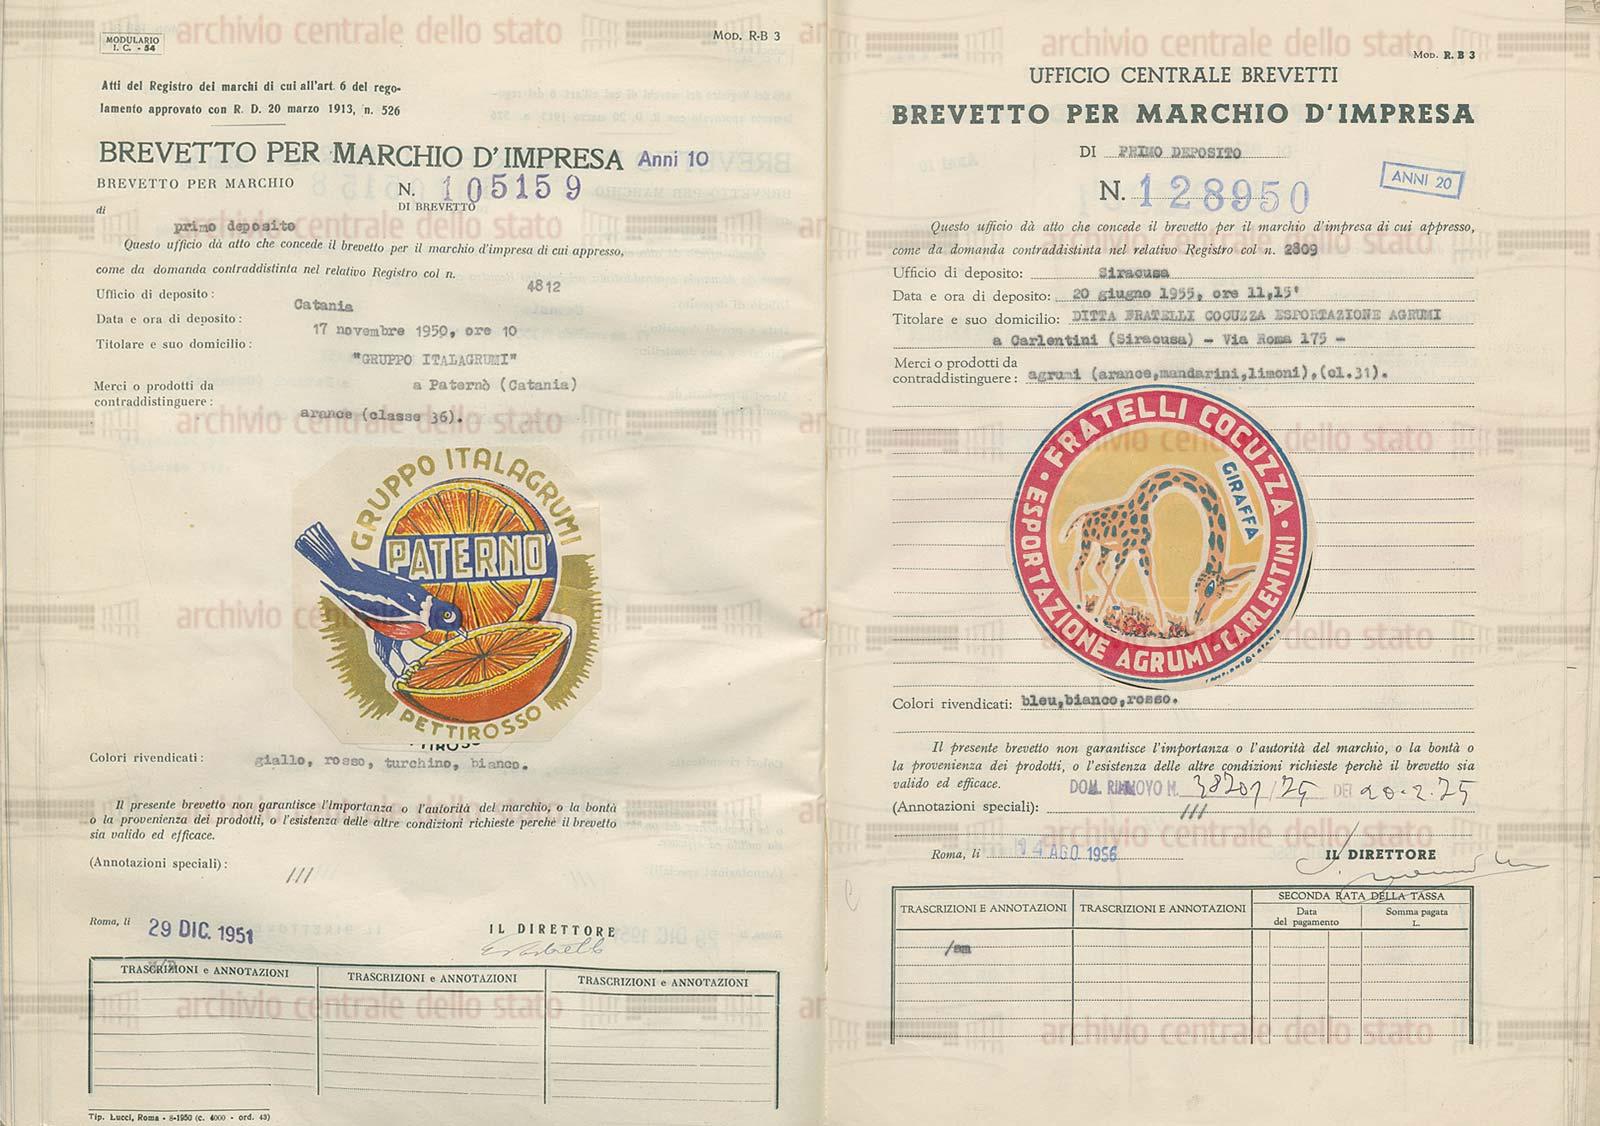 brevet-impression-papiers-agrumes-italie